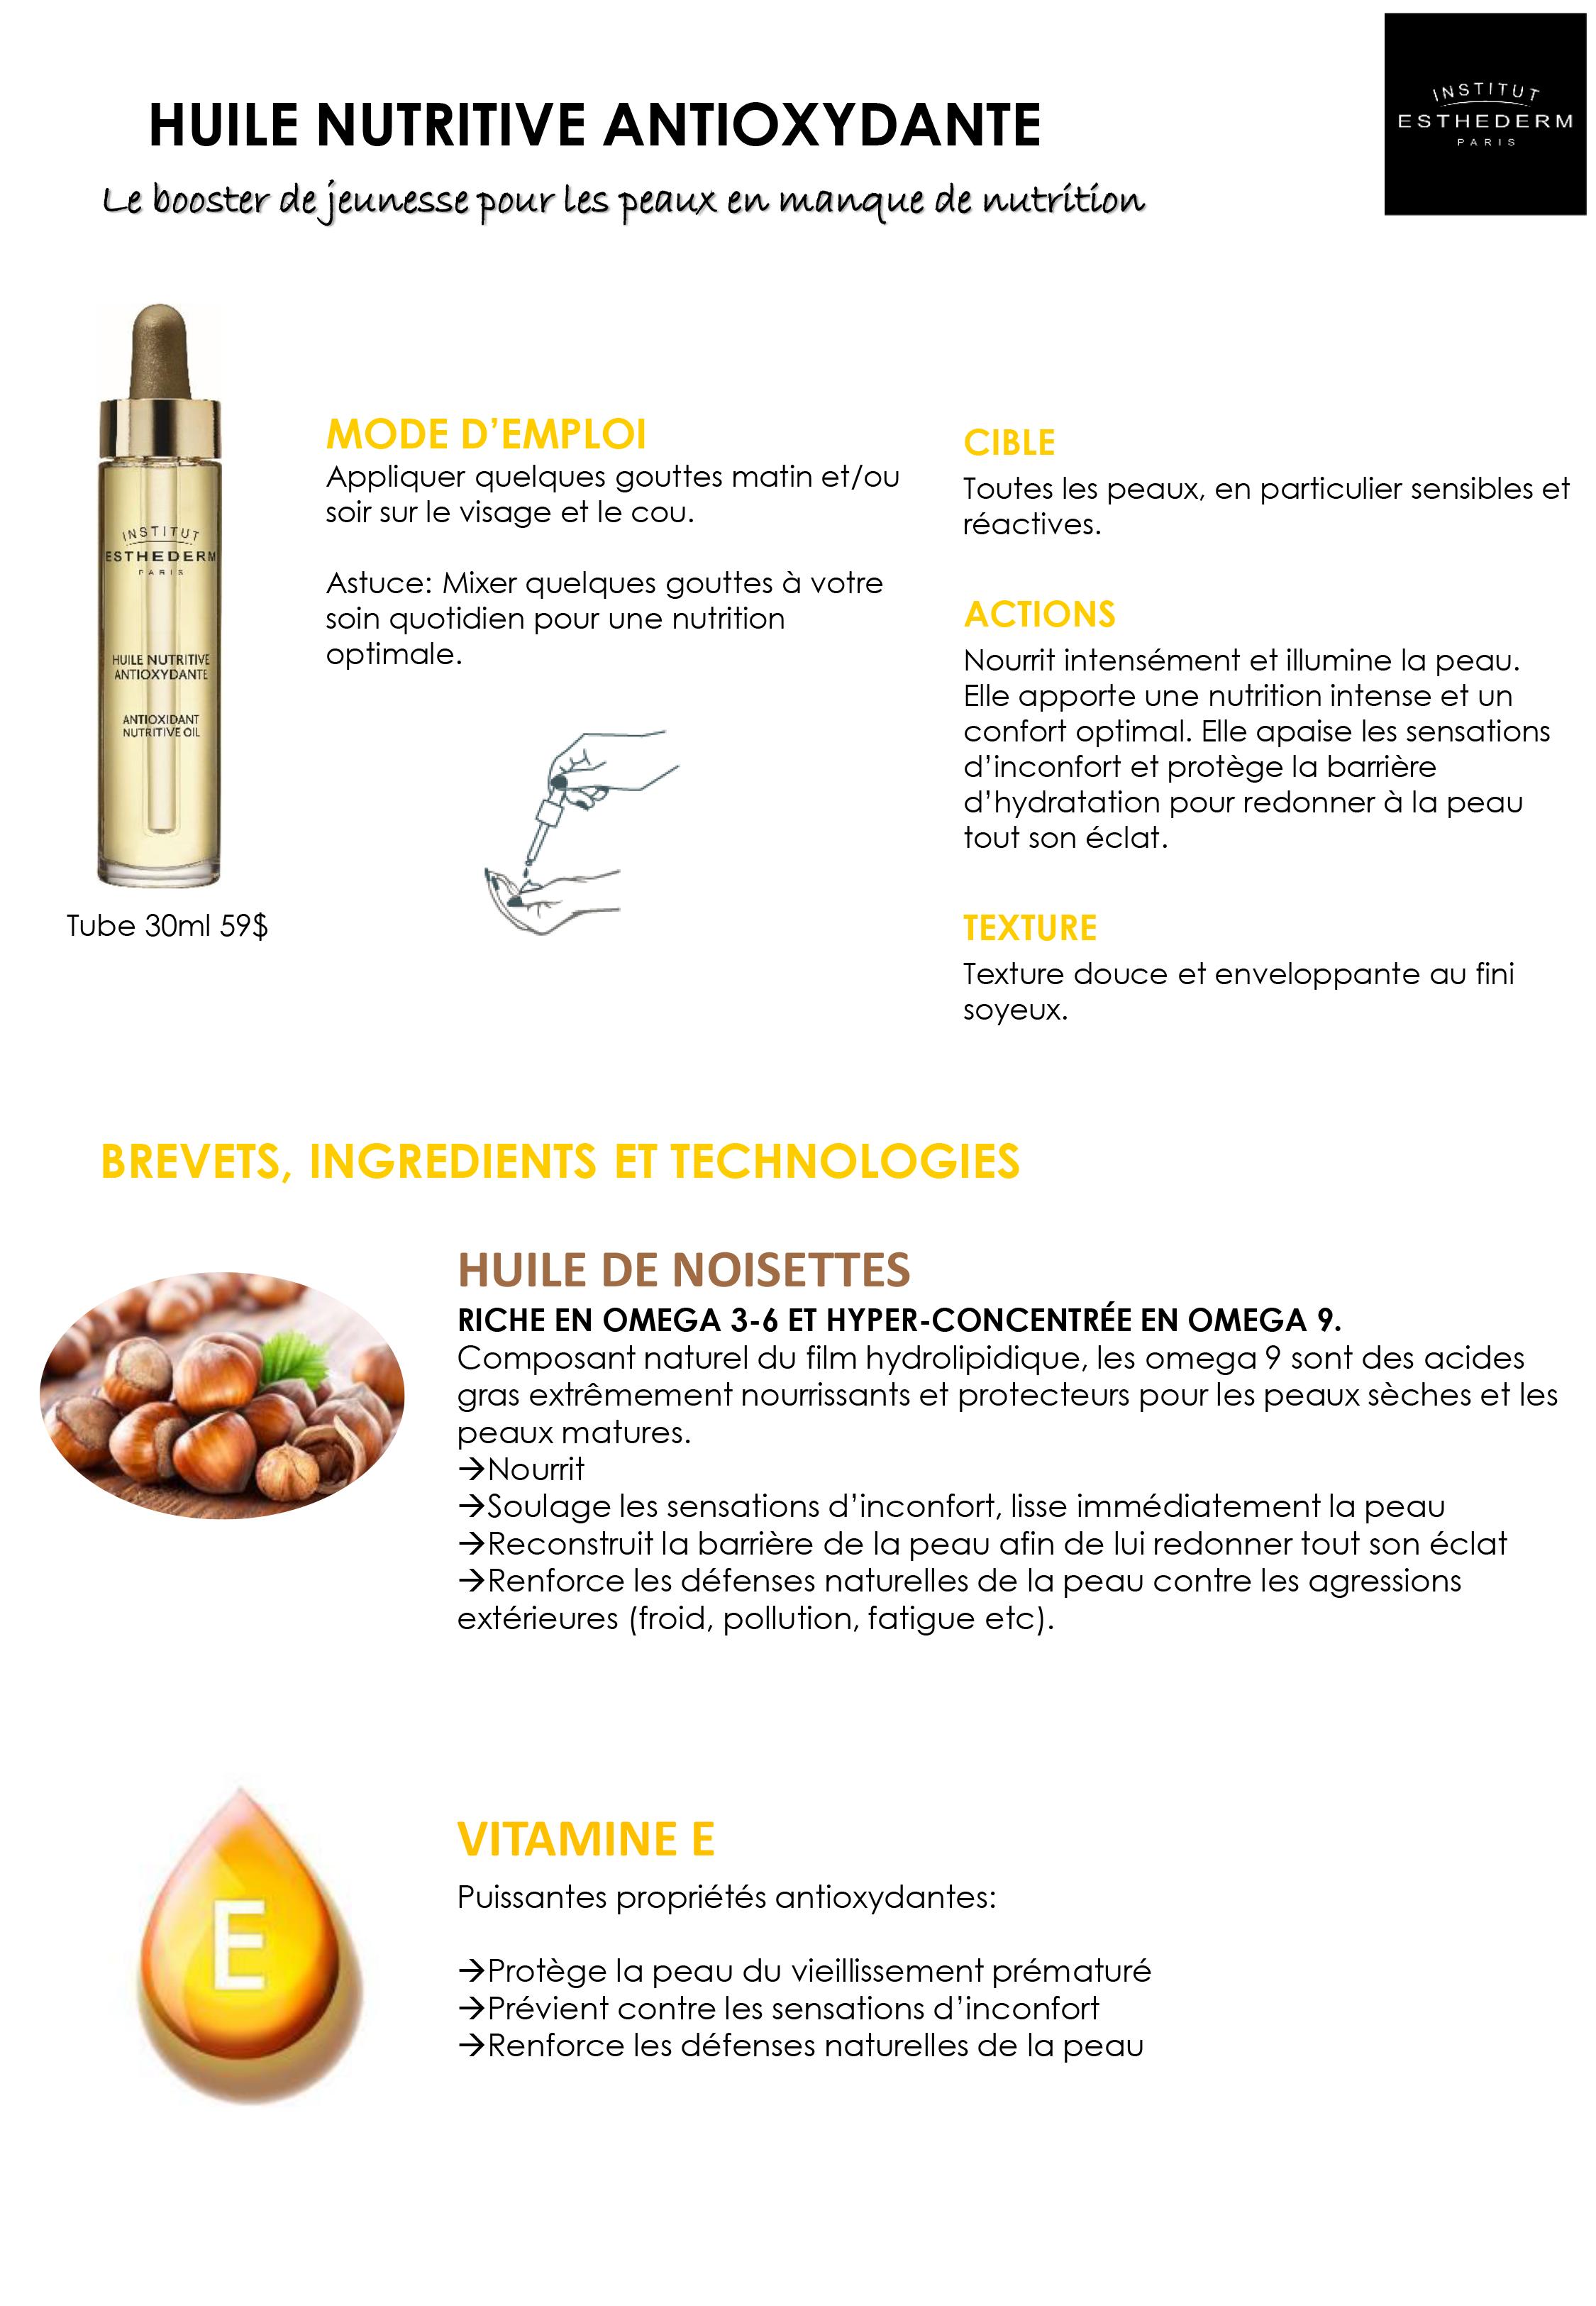 nouveaute-produit-antioxydant-option